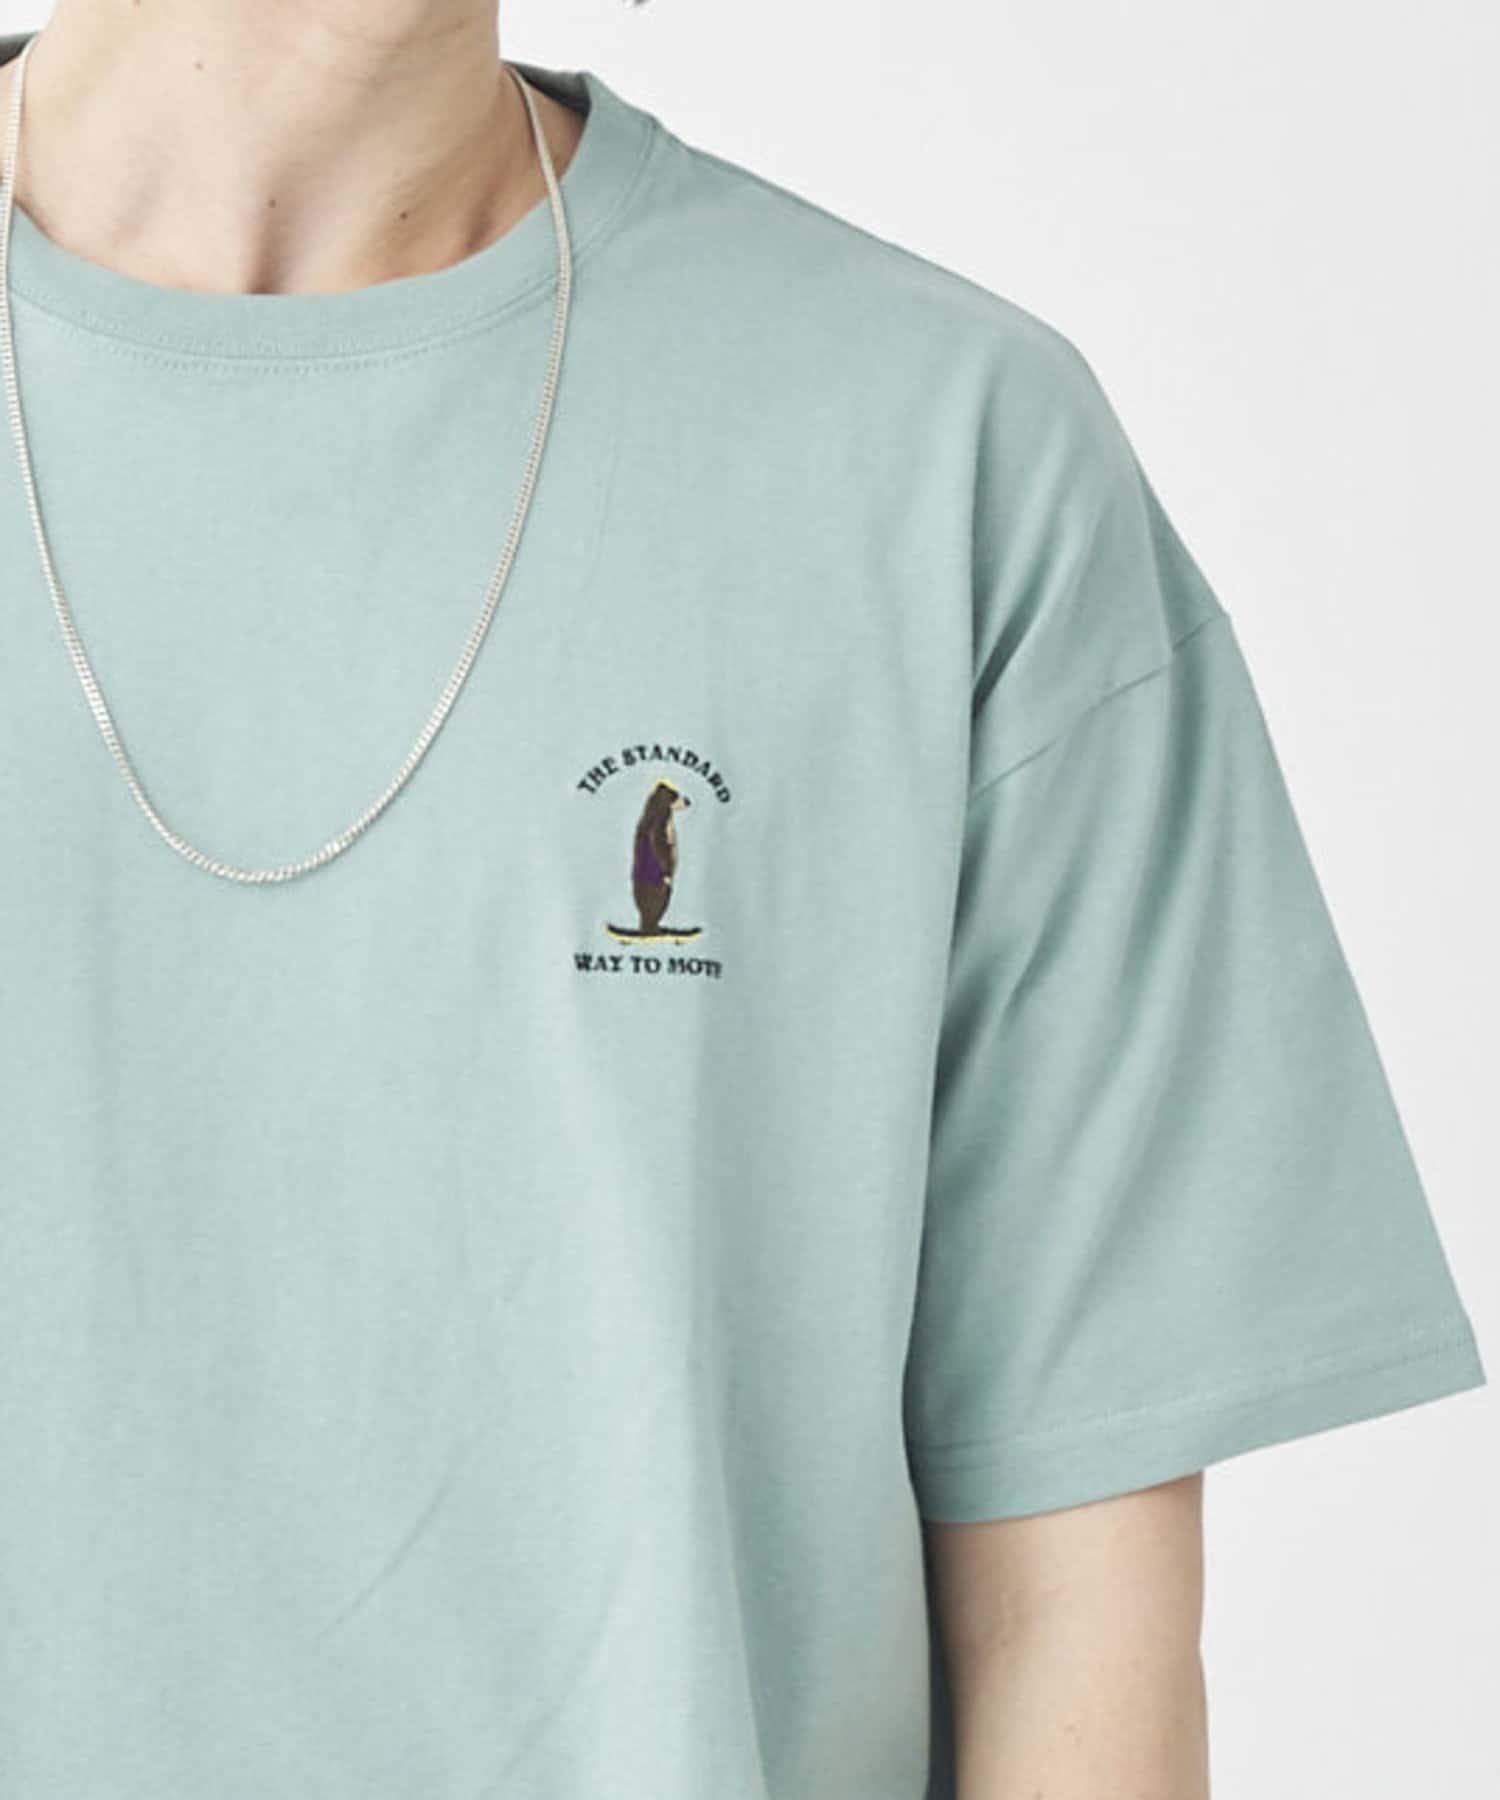 CPCM(シーピーシーエム) 1ポイント半袖刺繍T